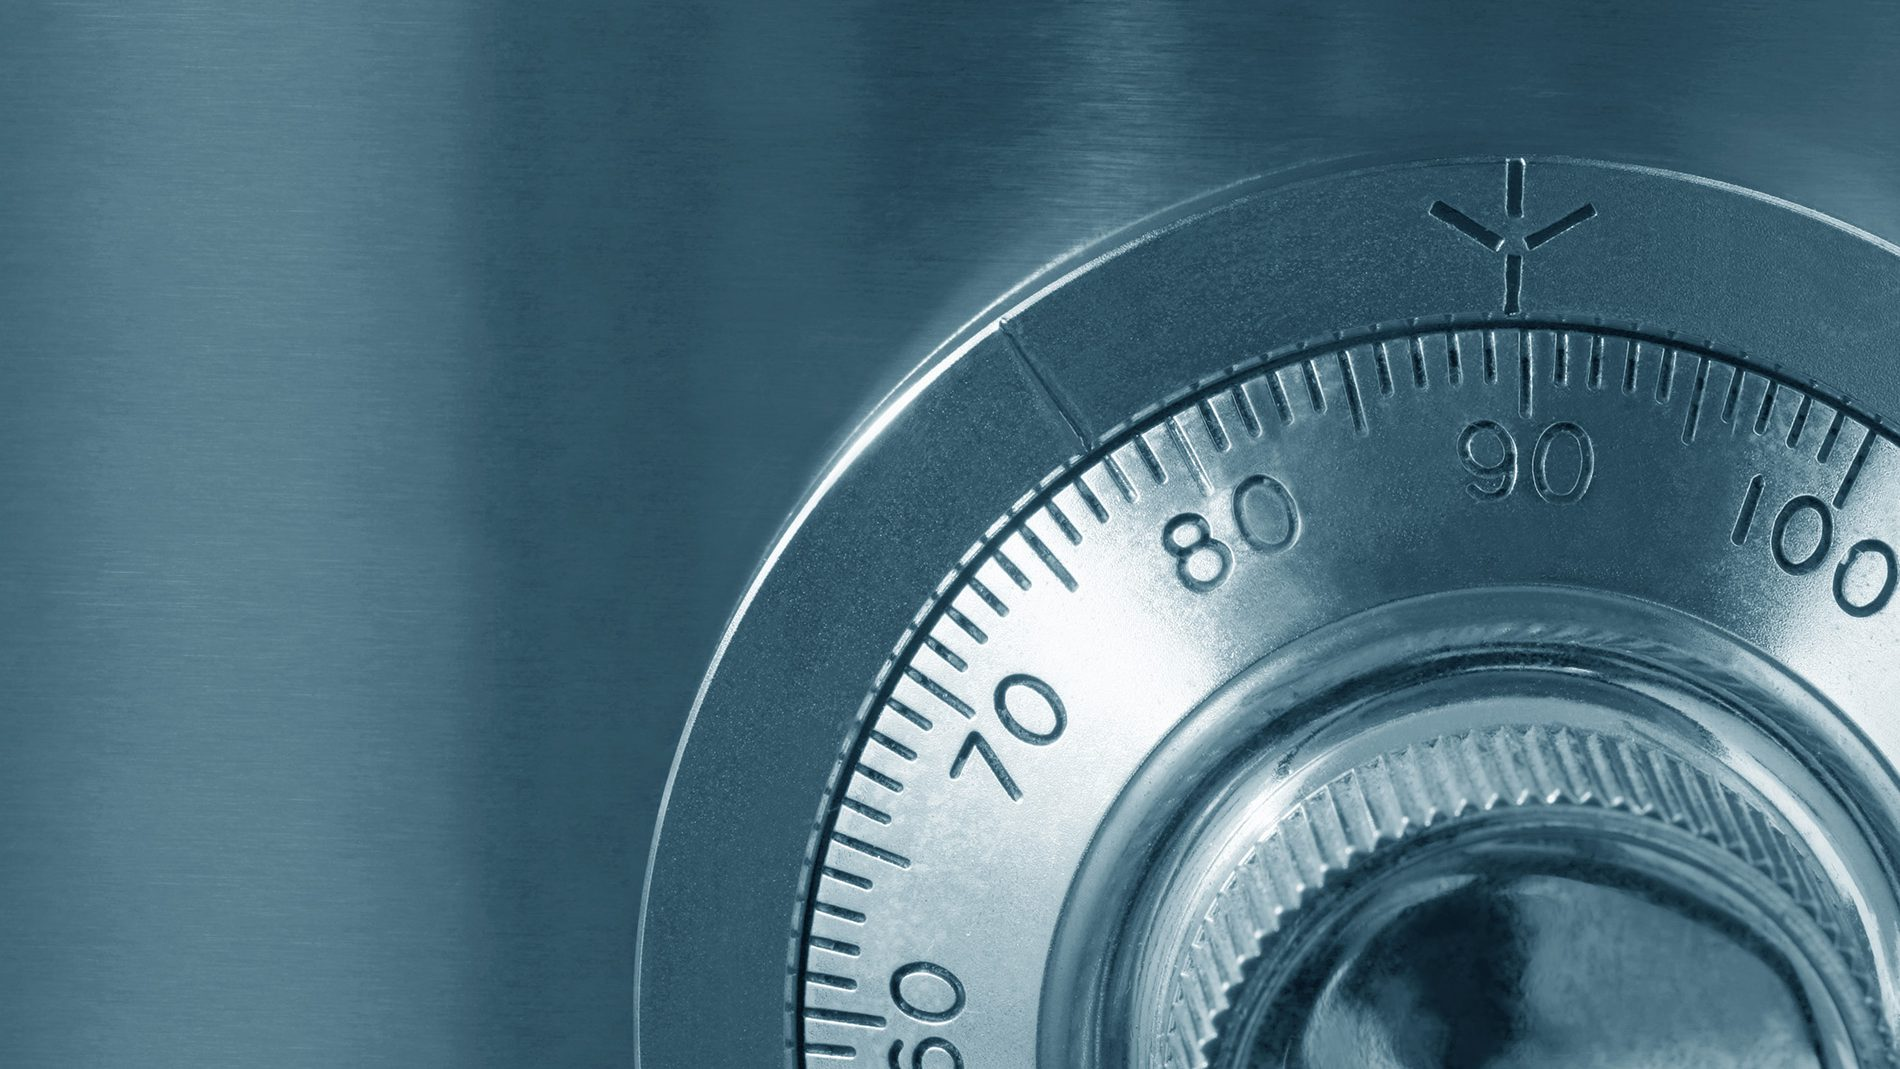 Souter Locksmiths: Home Safes, Gun Safes, Fireproof Safes